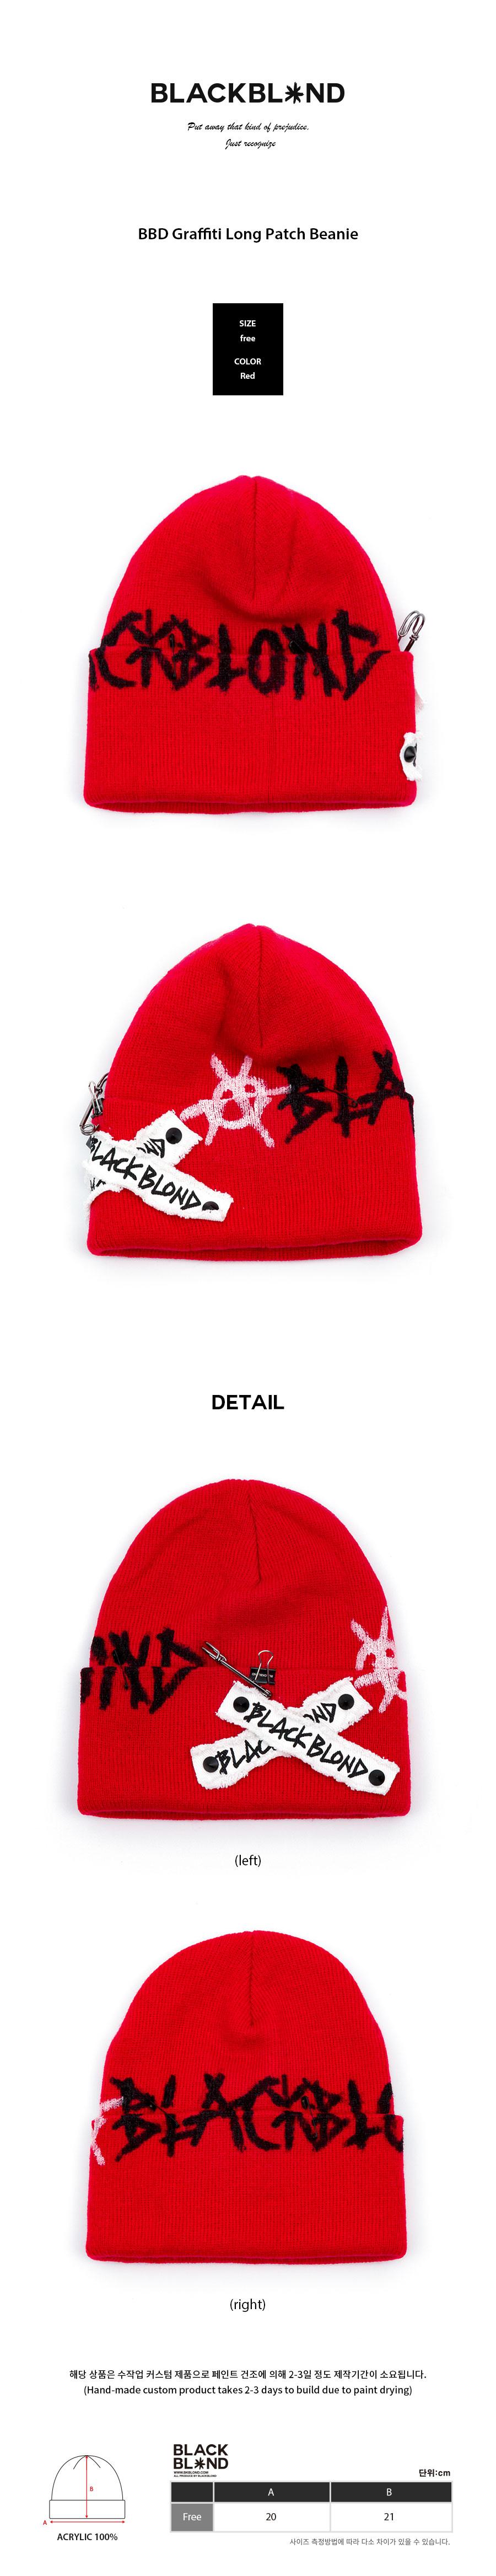 블랙블론드 BLACKBLOND - BBD Graffiti Logo Patch Beanie (Red)